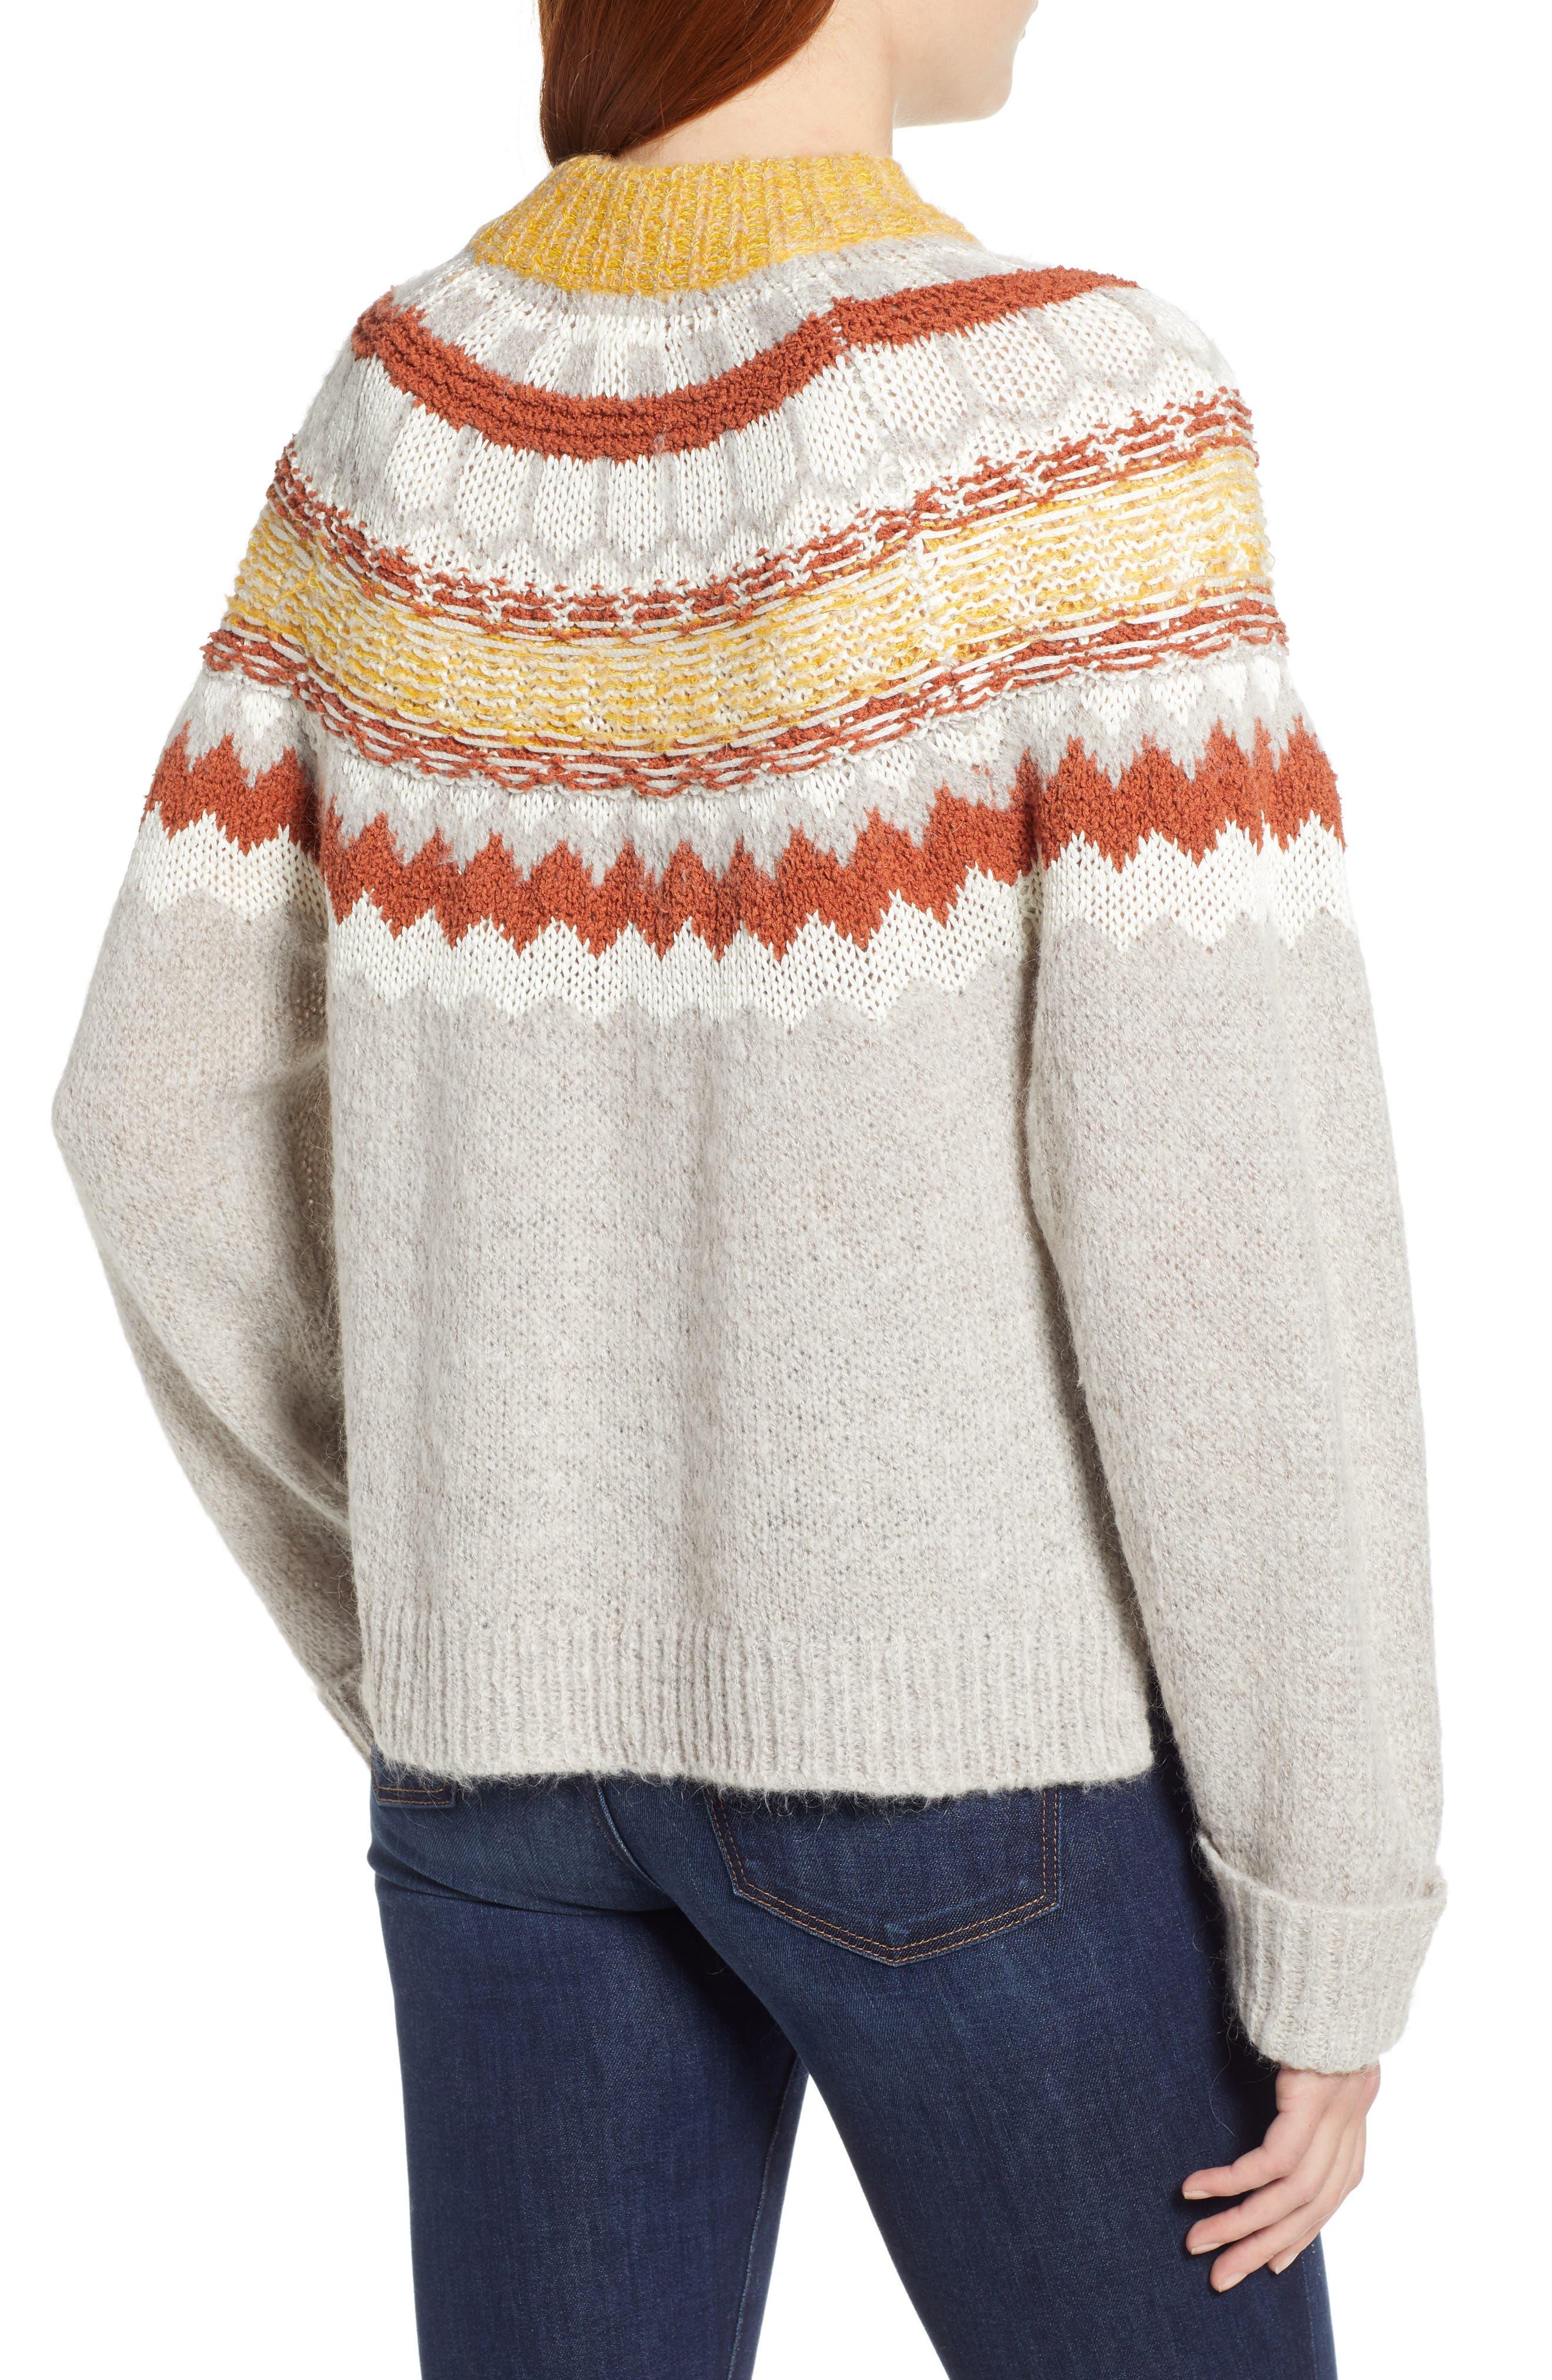 Chunky Jacquard Sweater,                             Alternate thumbnail 2, color,                             TAN FOLIAGE PATTERN